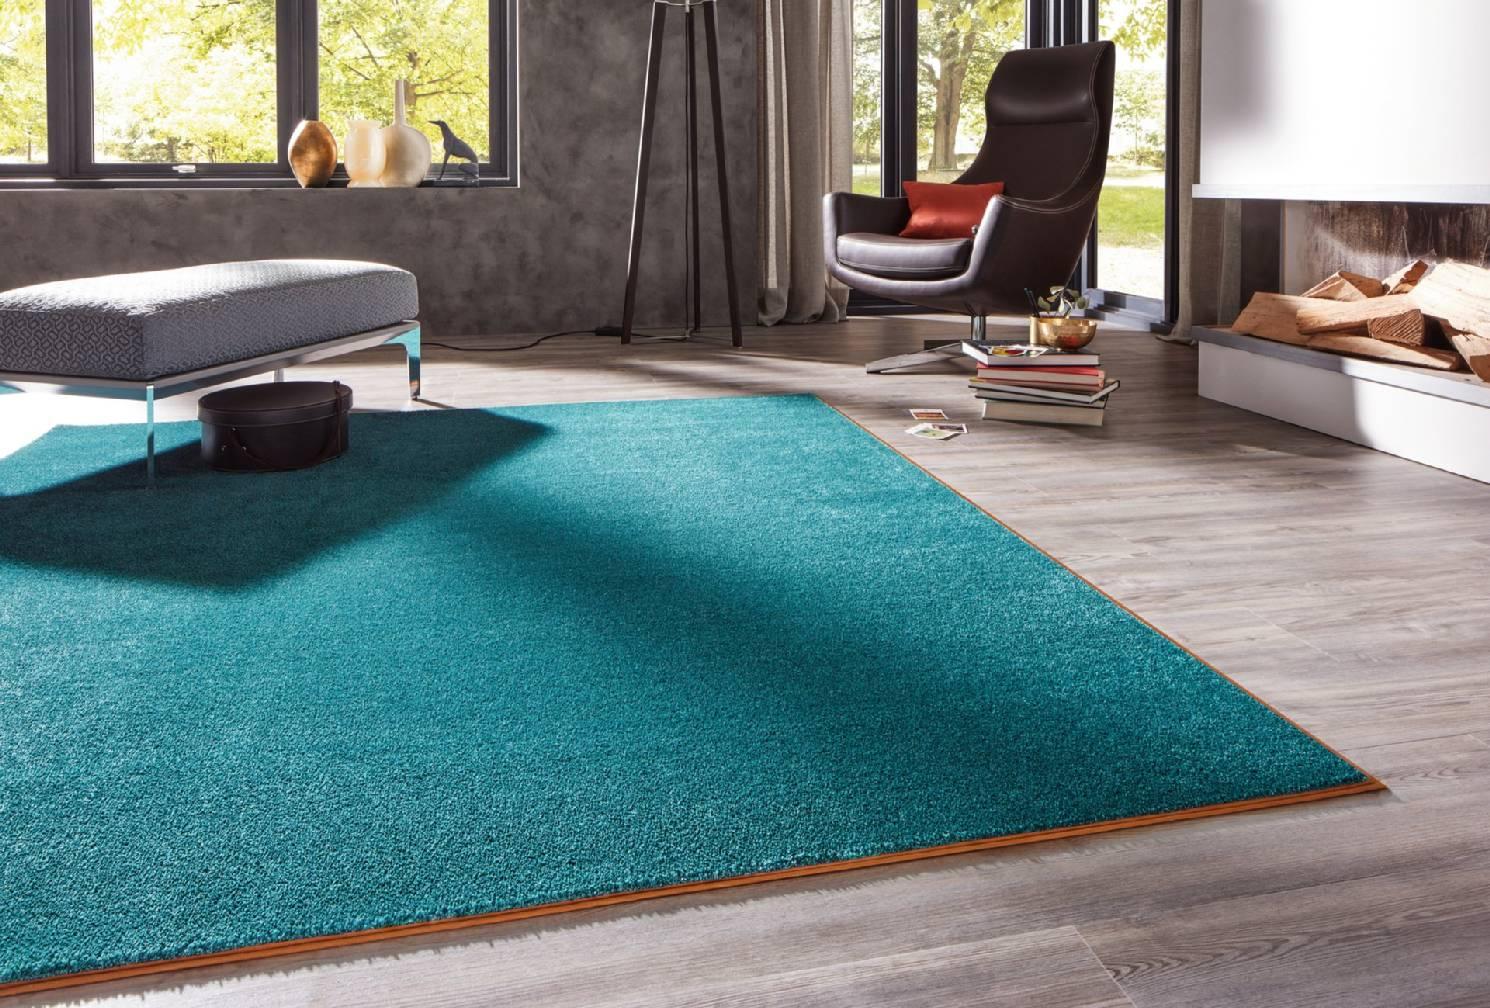 ihr raumausstatter in einbeck teppiche. Black Bedroom Furniture Sets. Home Design Ideas